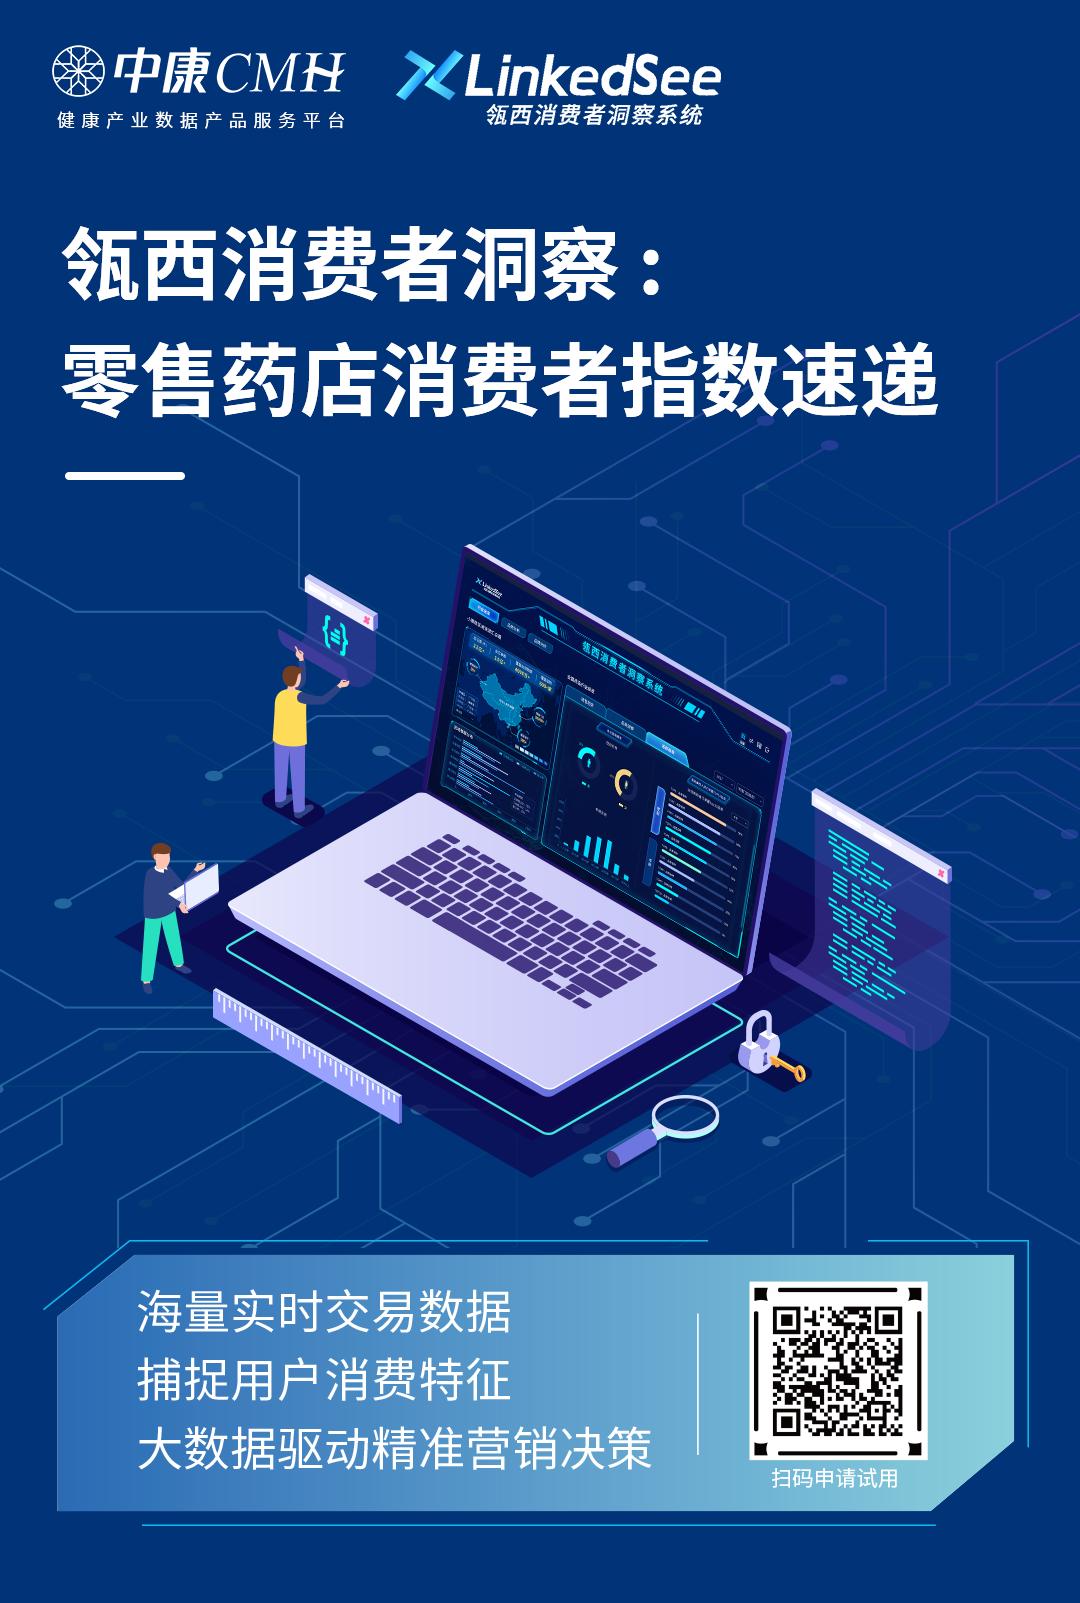 中康CMH | 寒潮来袭,呼吸系统类交易活跃度指数跃居榜首!